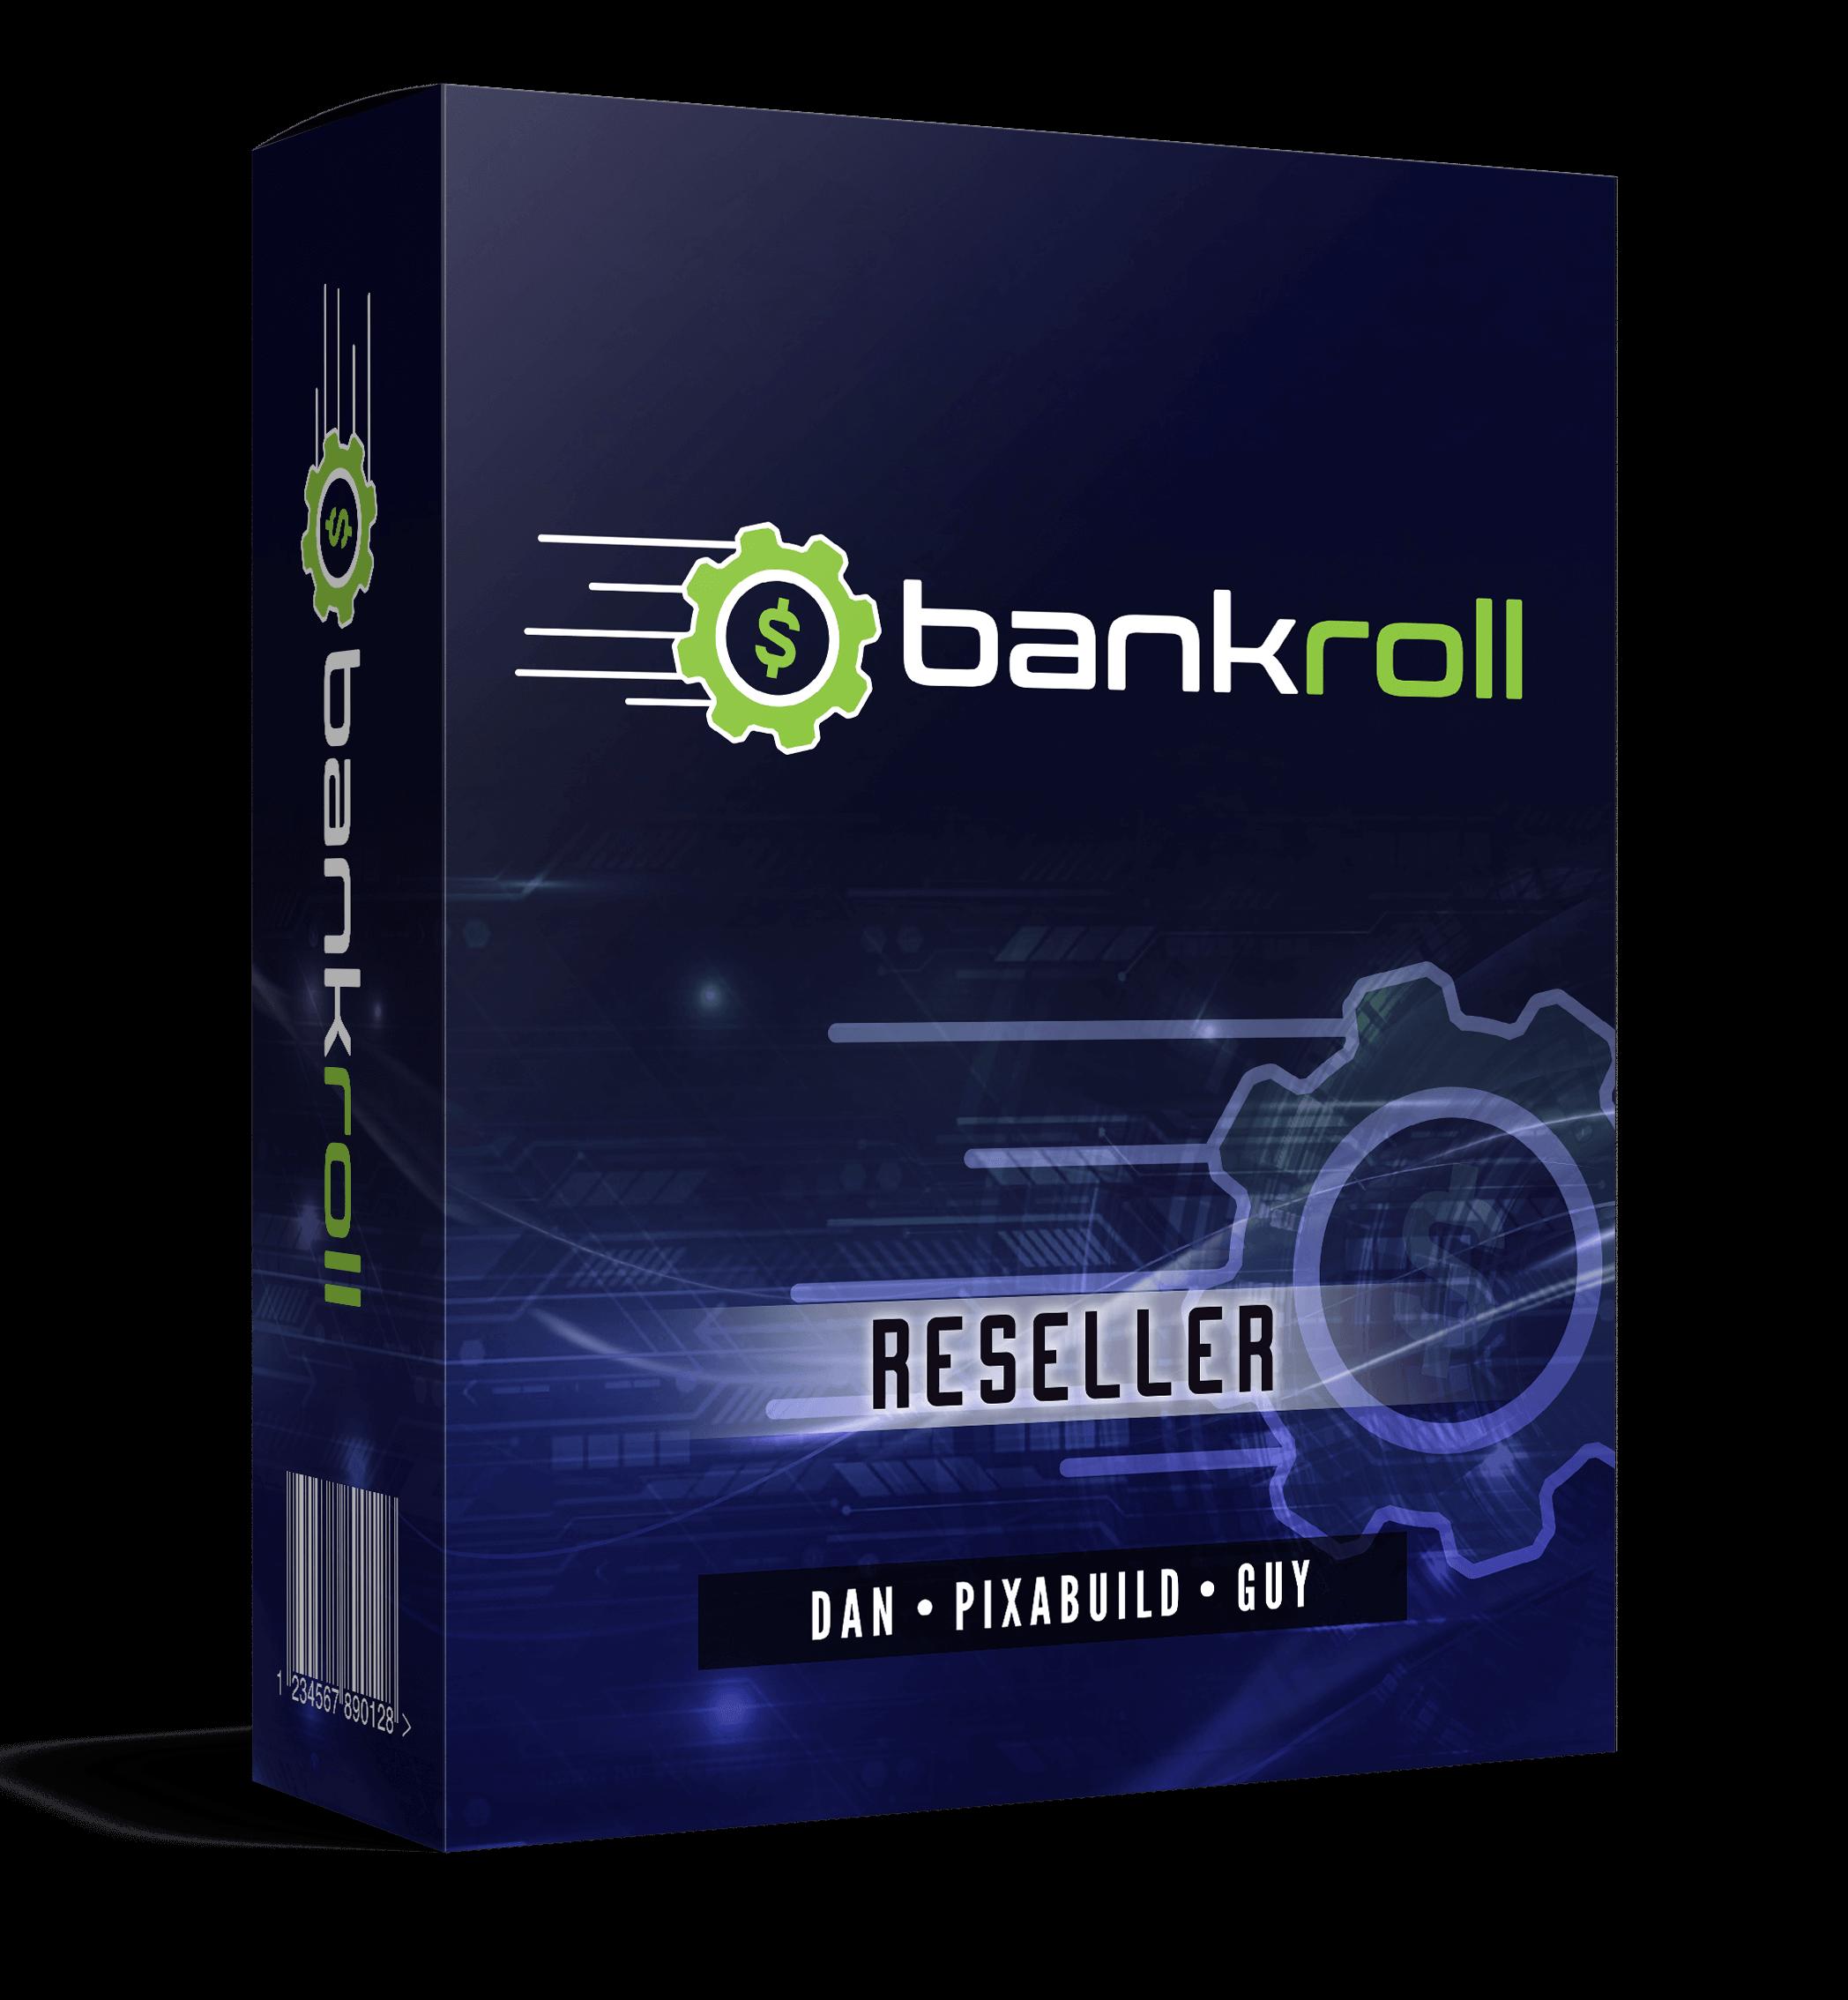 Bankroll-Review-OTO4